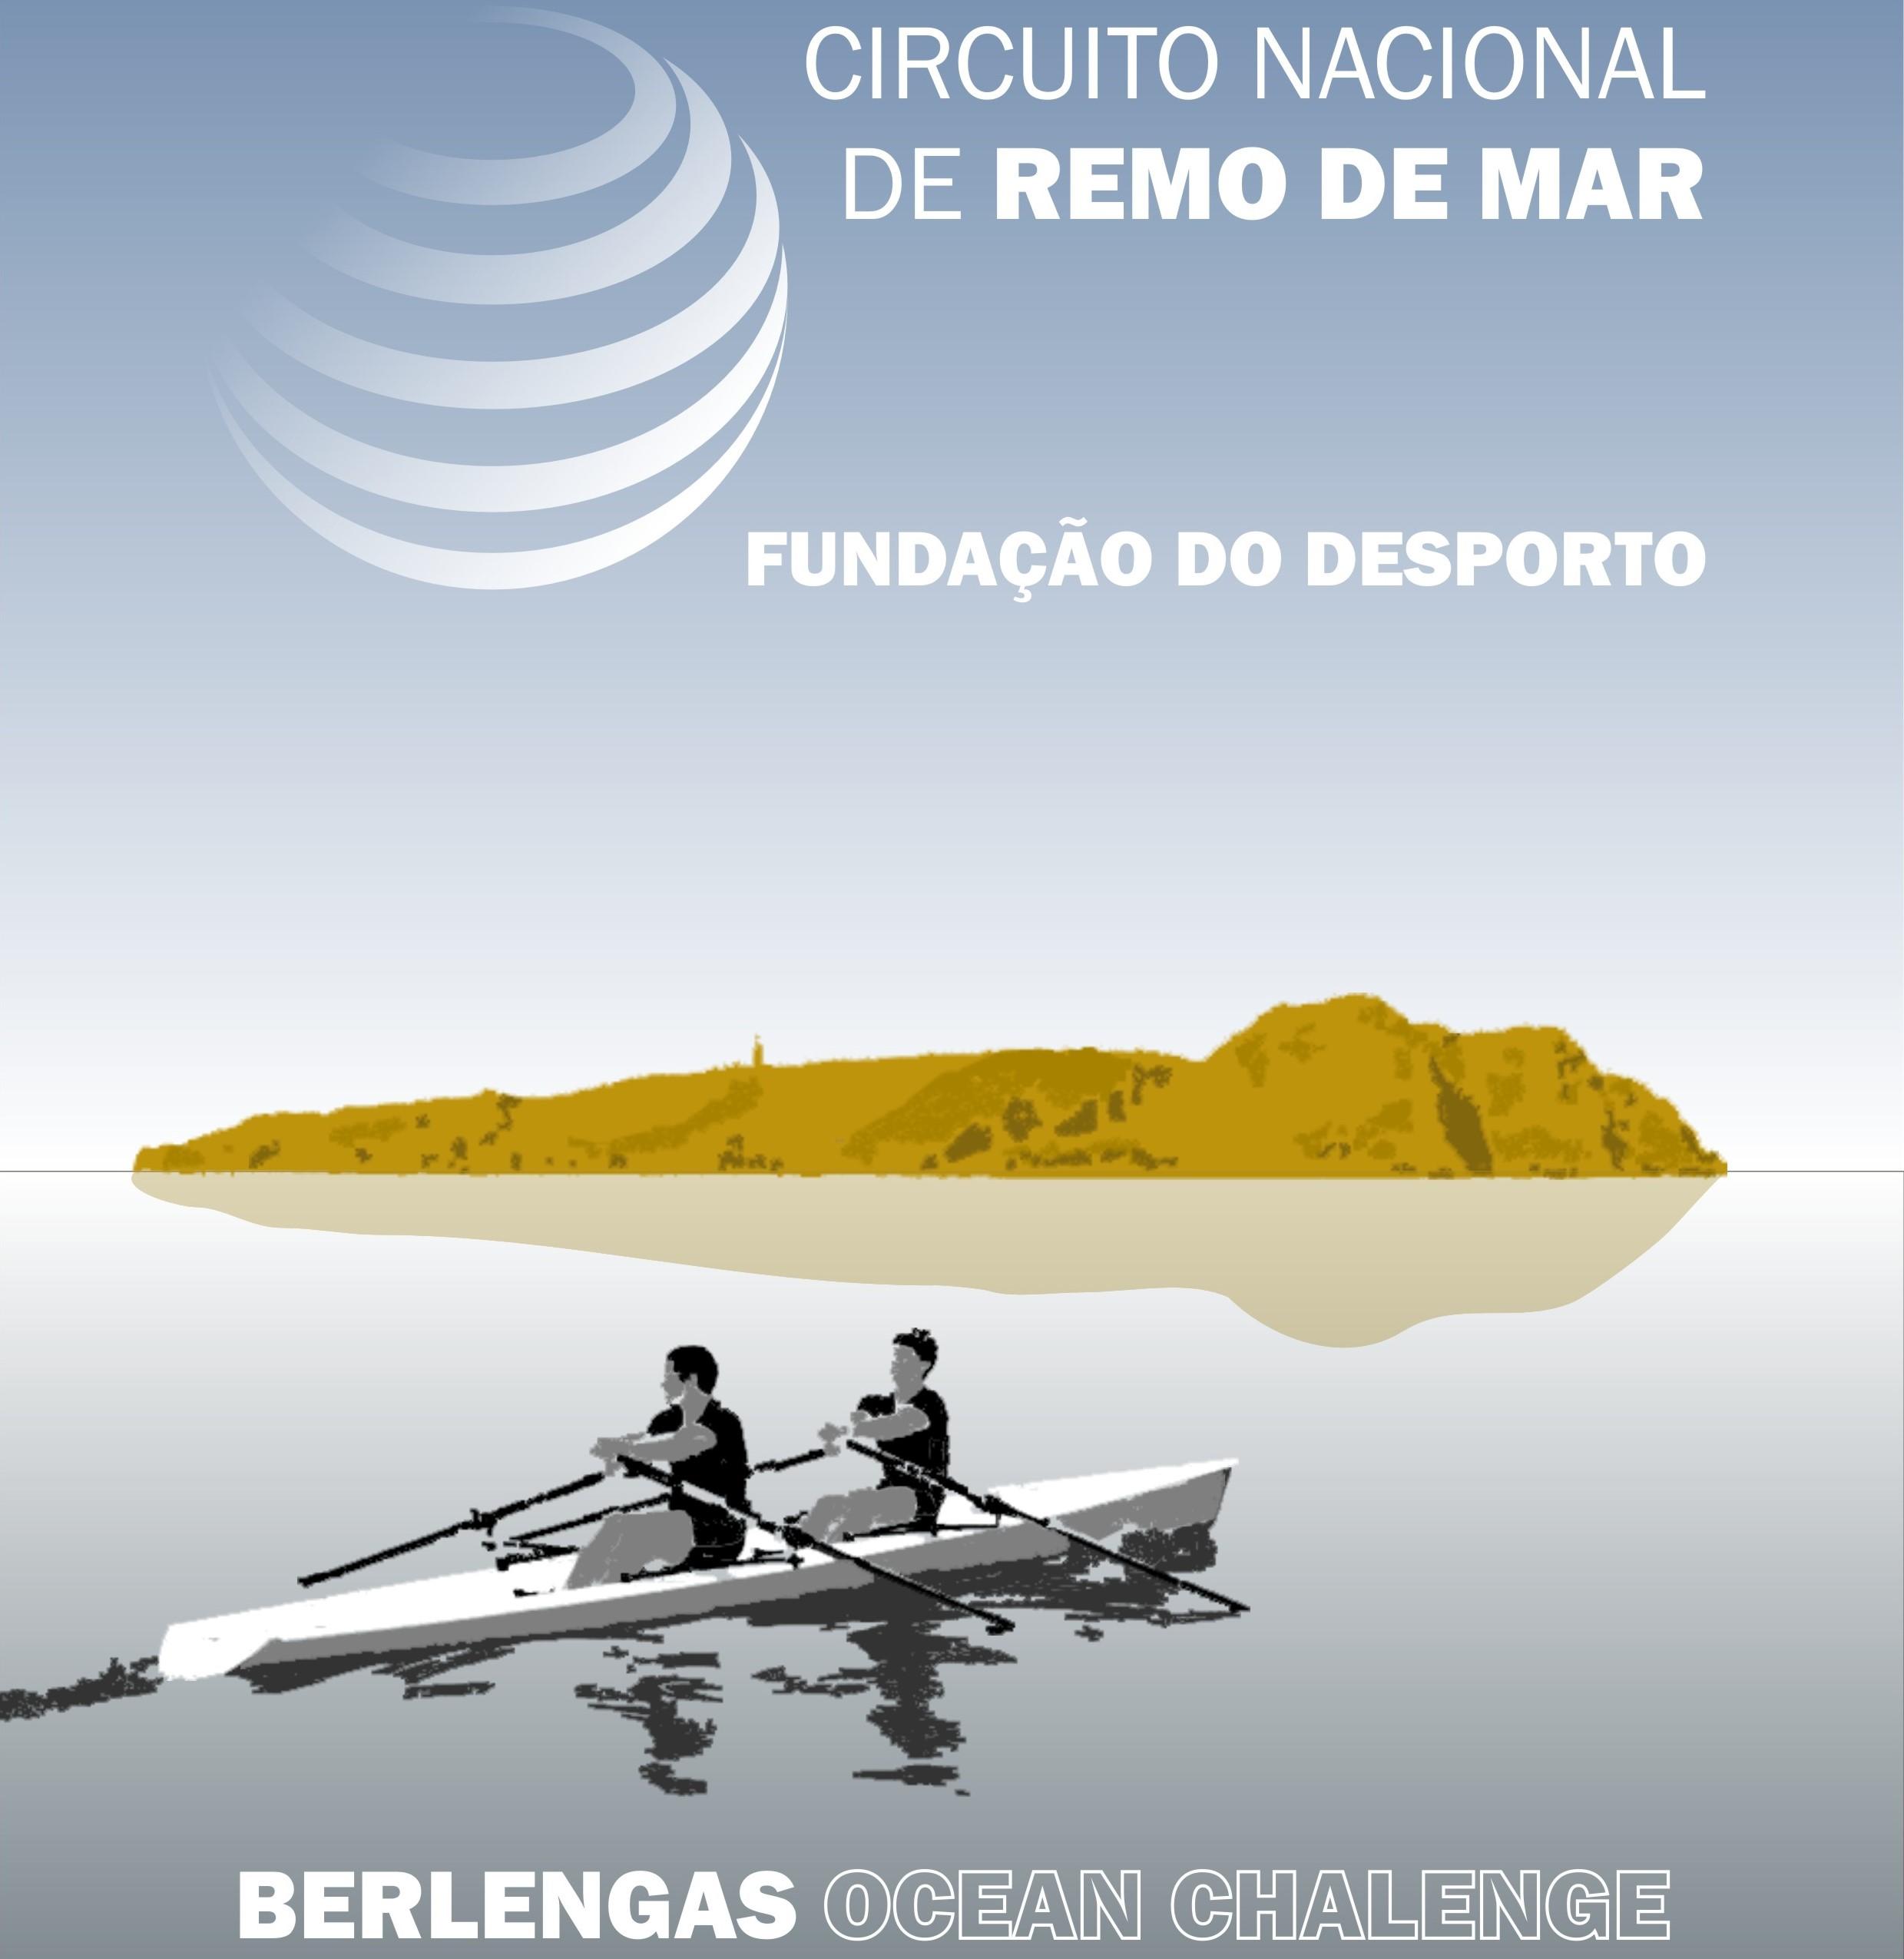 Circuito Nacional de Remo de Mar – Fundação do Desporto